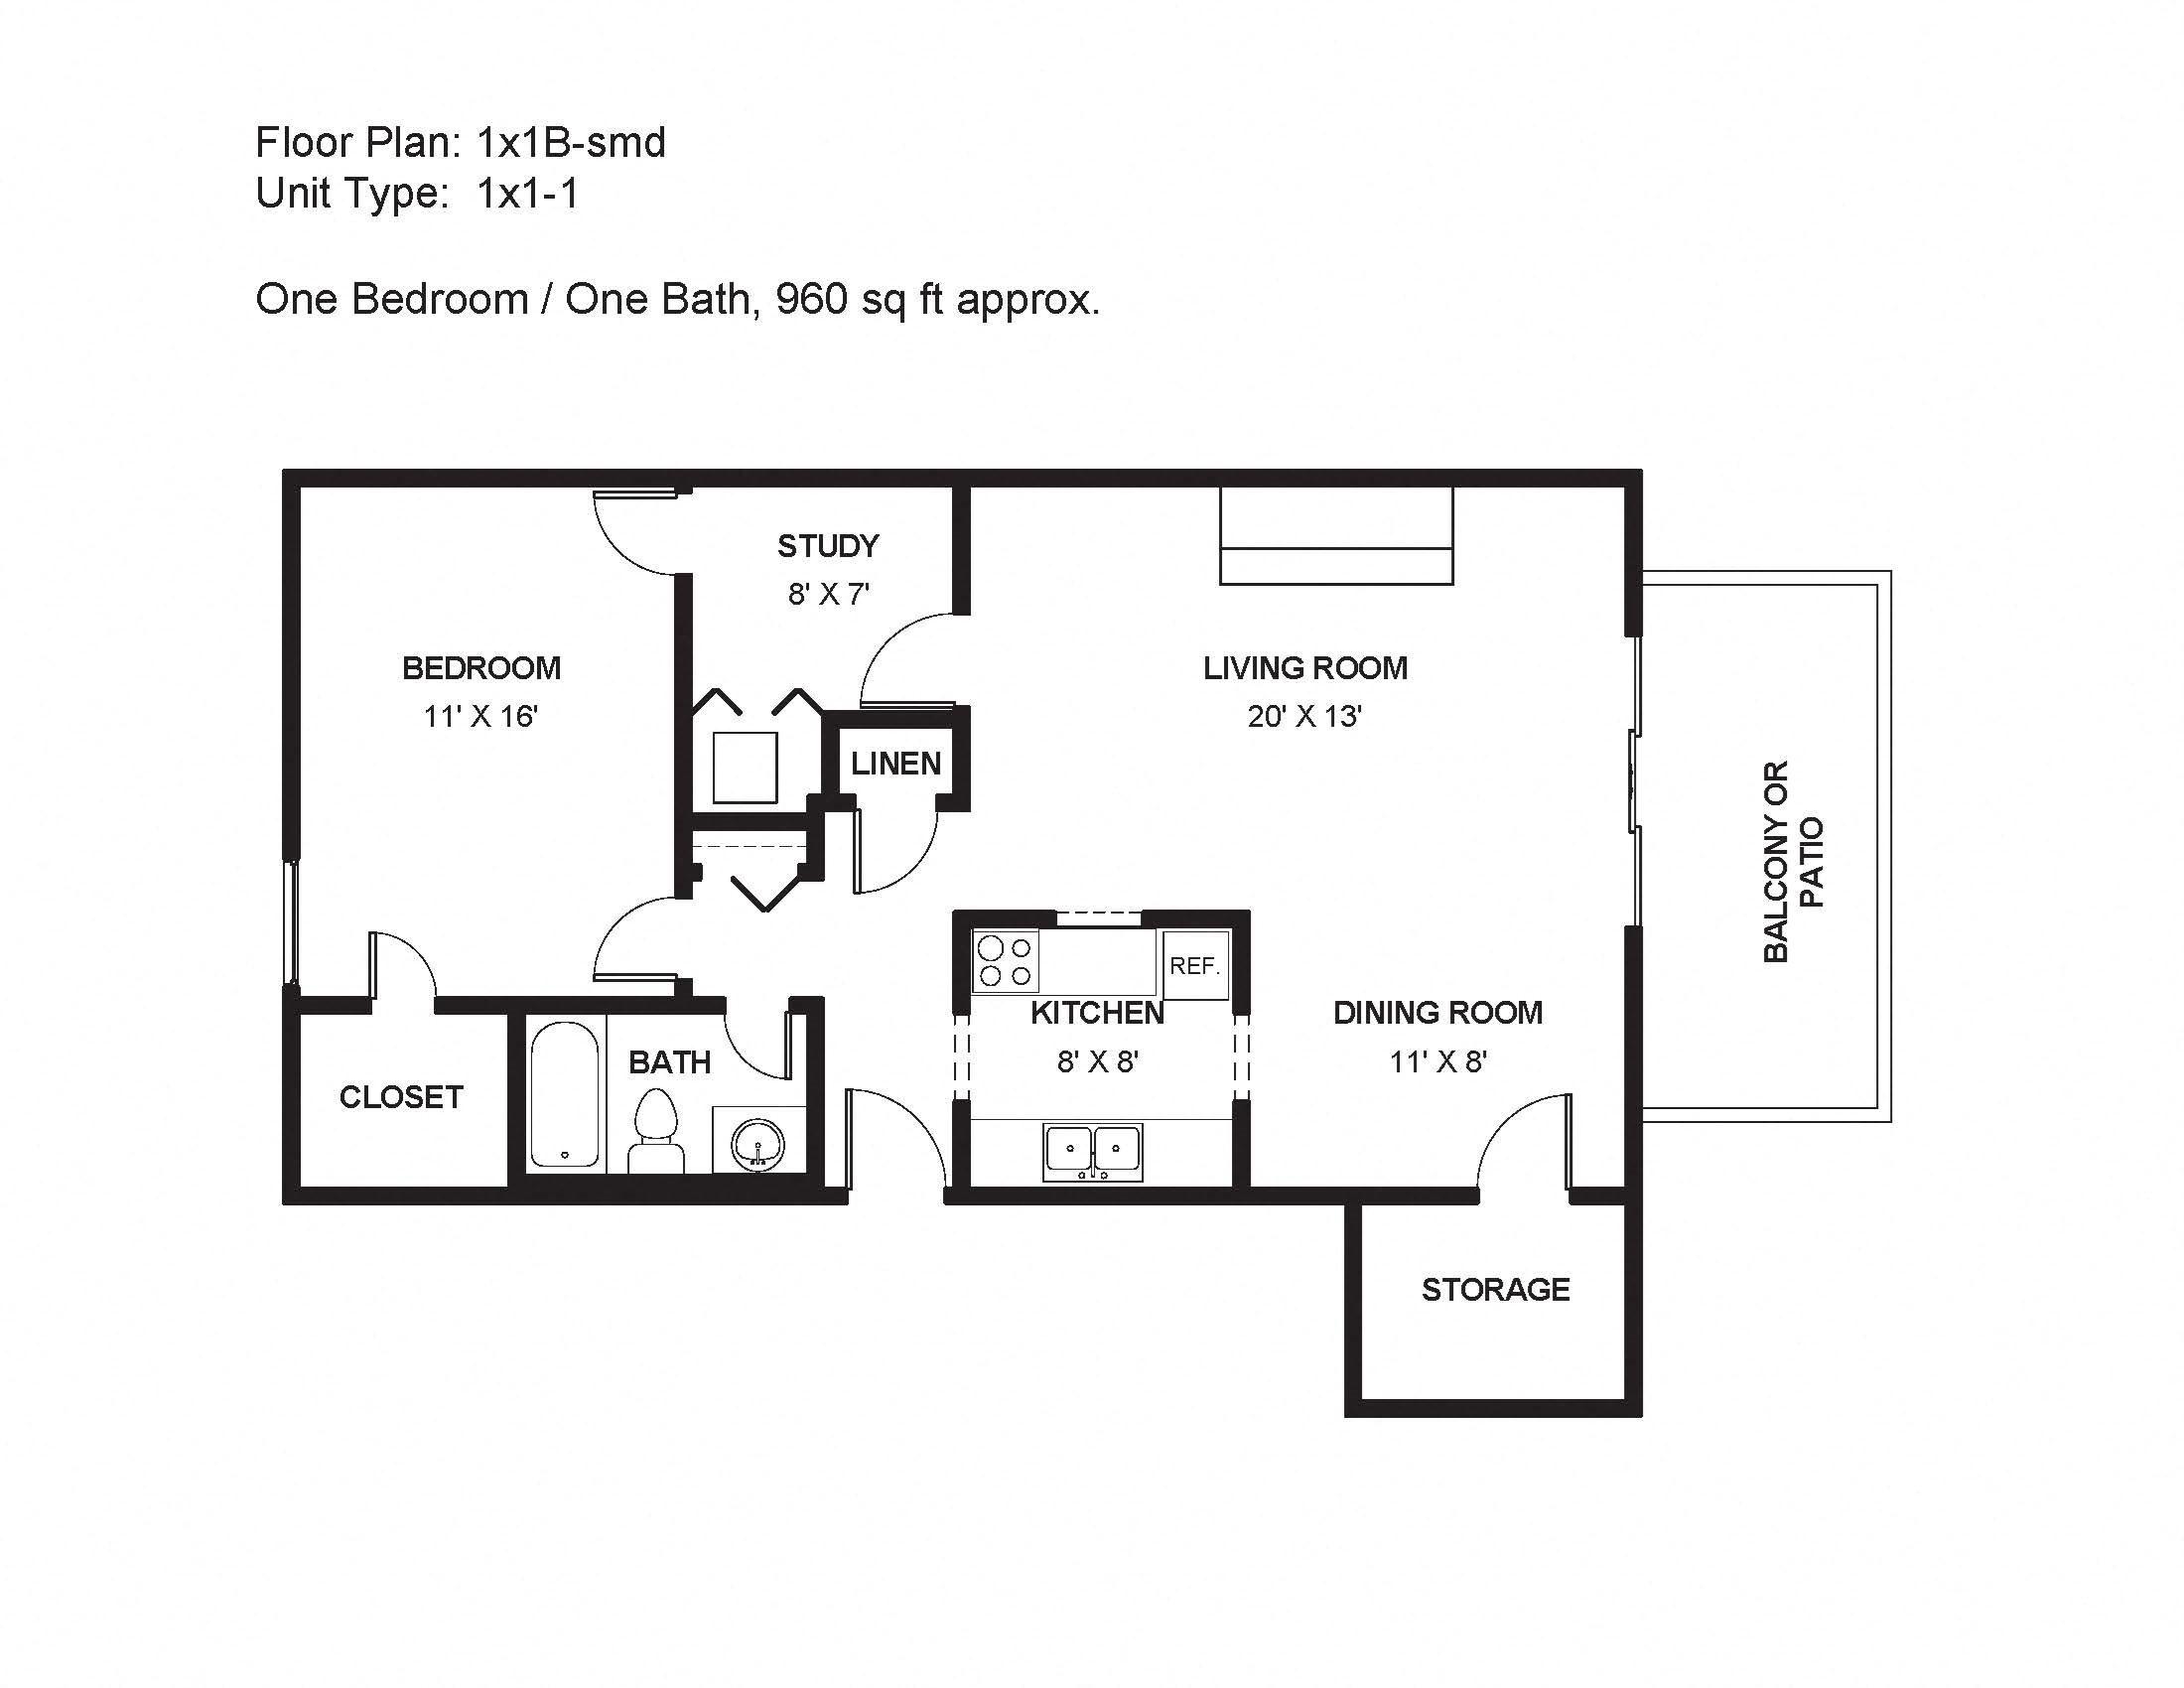 1x1B-smd Floor Plan 4